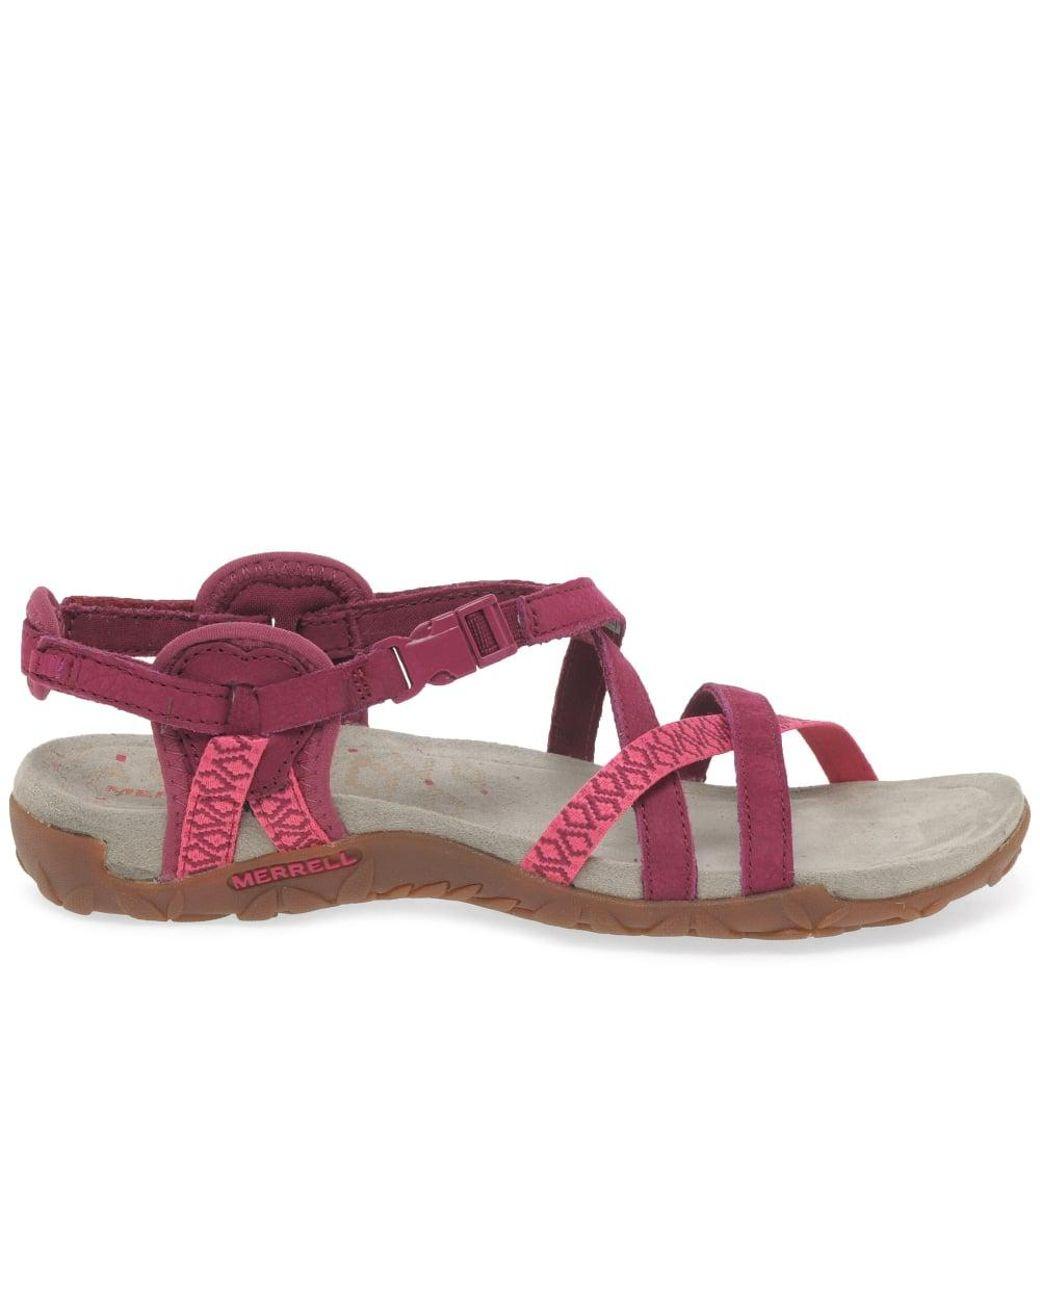 062884f7e986 Lyst - Merrell Terran Lattice Ii Womens Fuschia Sandals